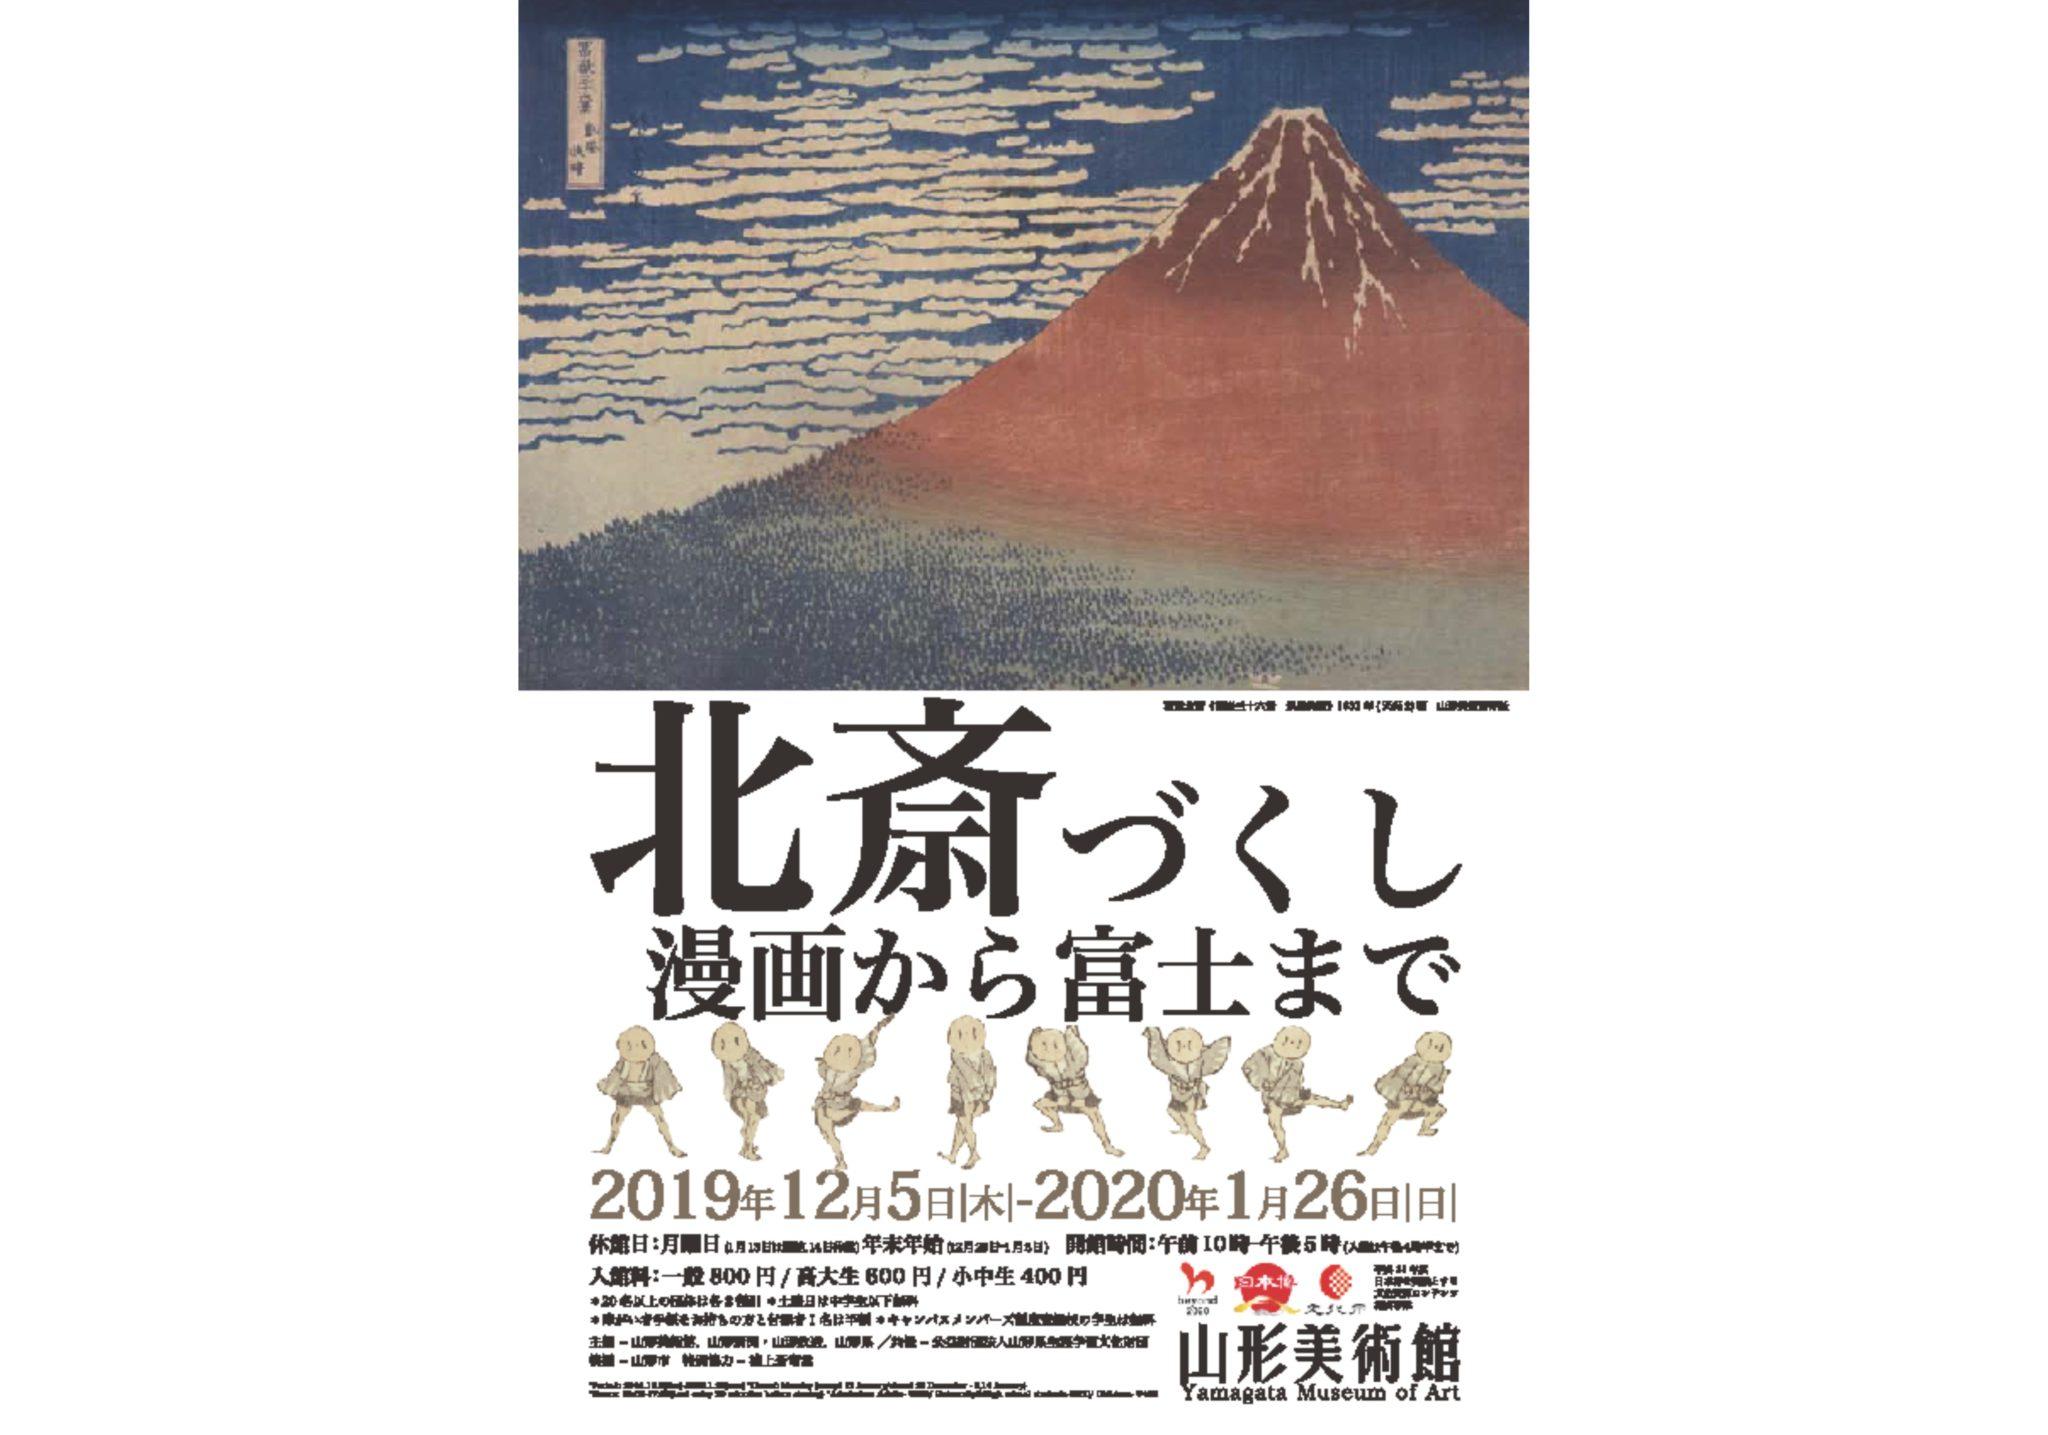 北斎づくし~漫画から富士まで~(山形美術館)